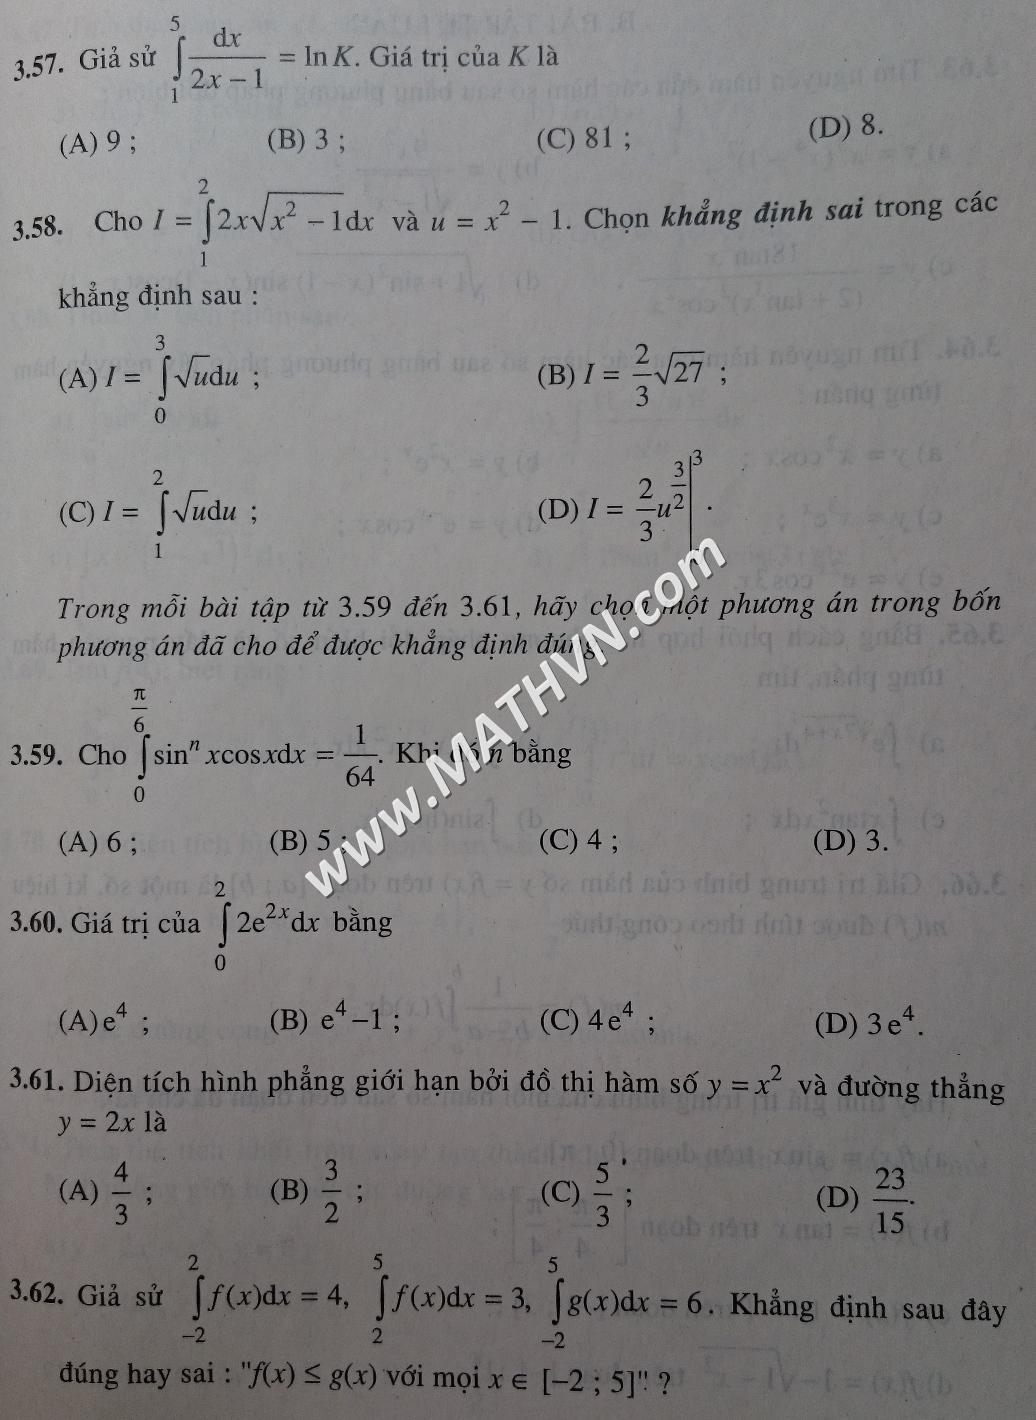 bài tập trắc nghiệm toán 12 sgk giải tích nâng cao